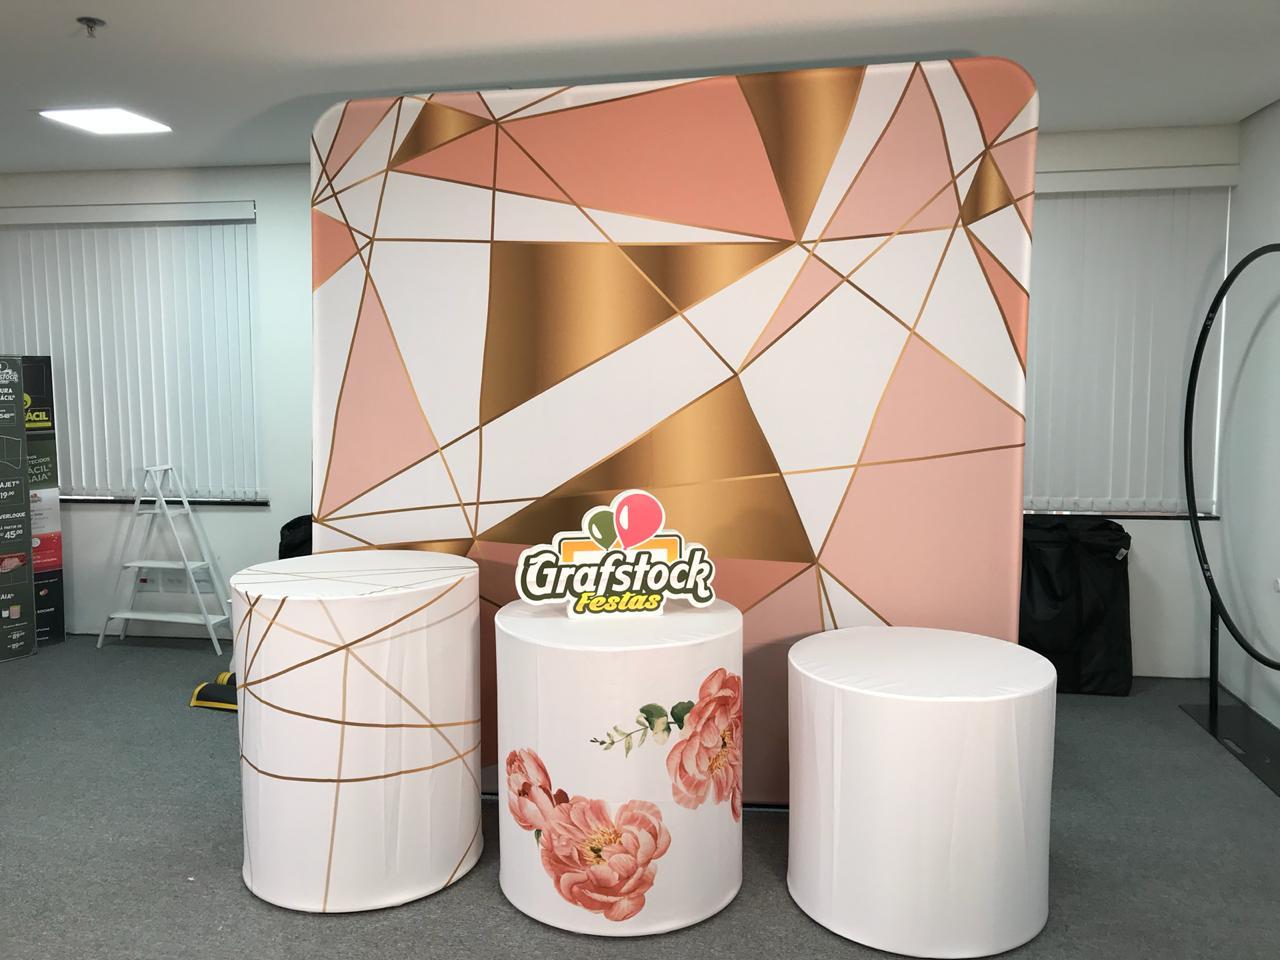 grafstock festas inspire sua festa painel sublimado 1